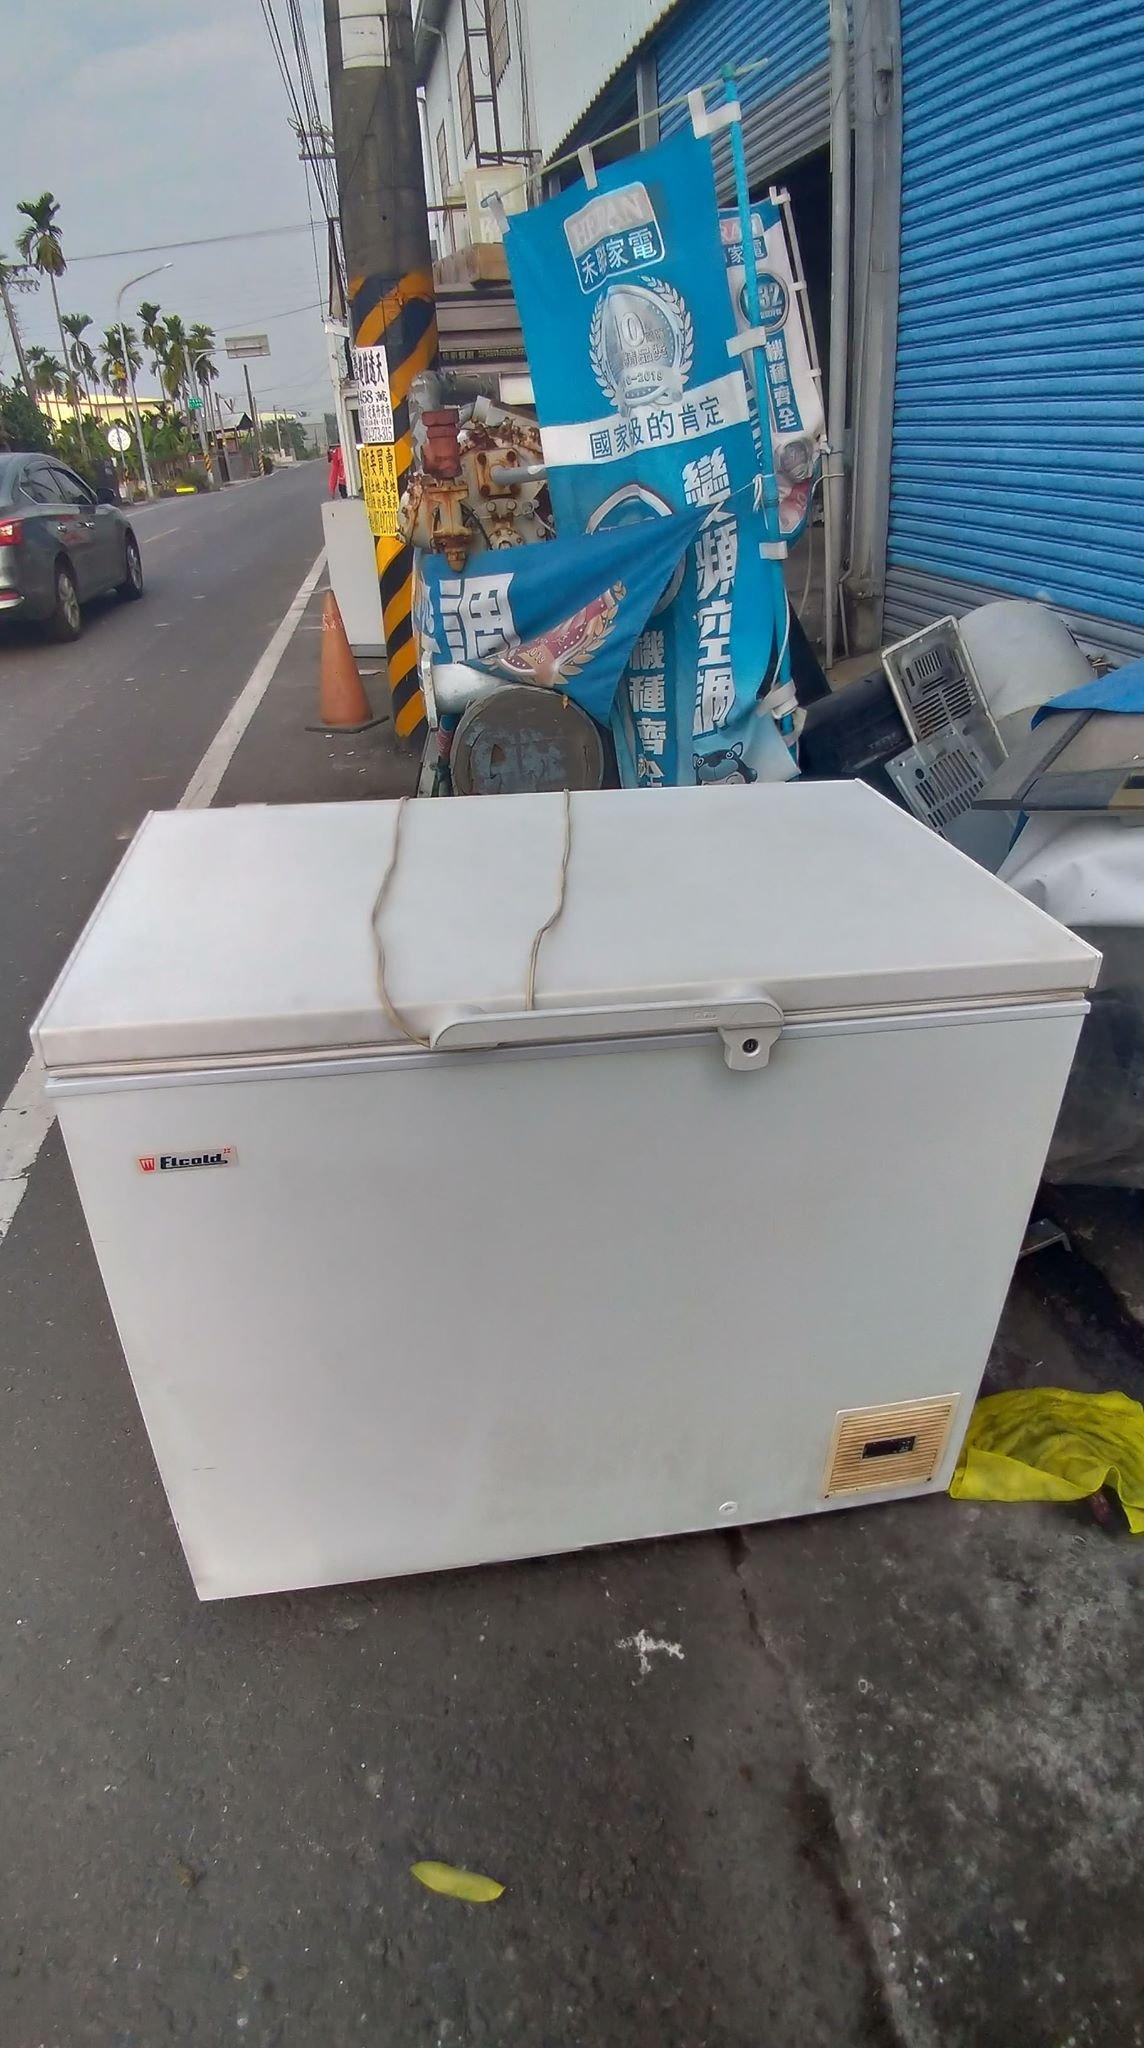 高雄屏東萬丹電器醫生中古二手  3.5尺上掀式冷凍櫃 負45度 自取價16500